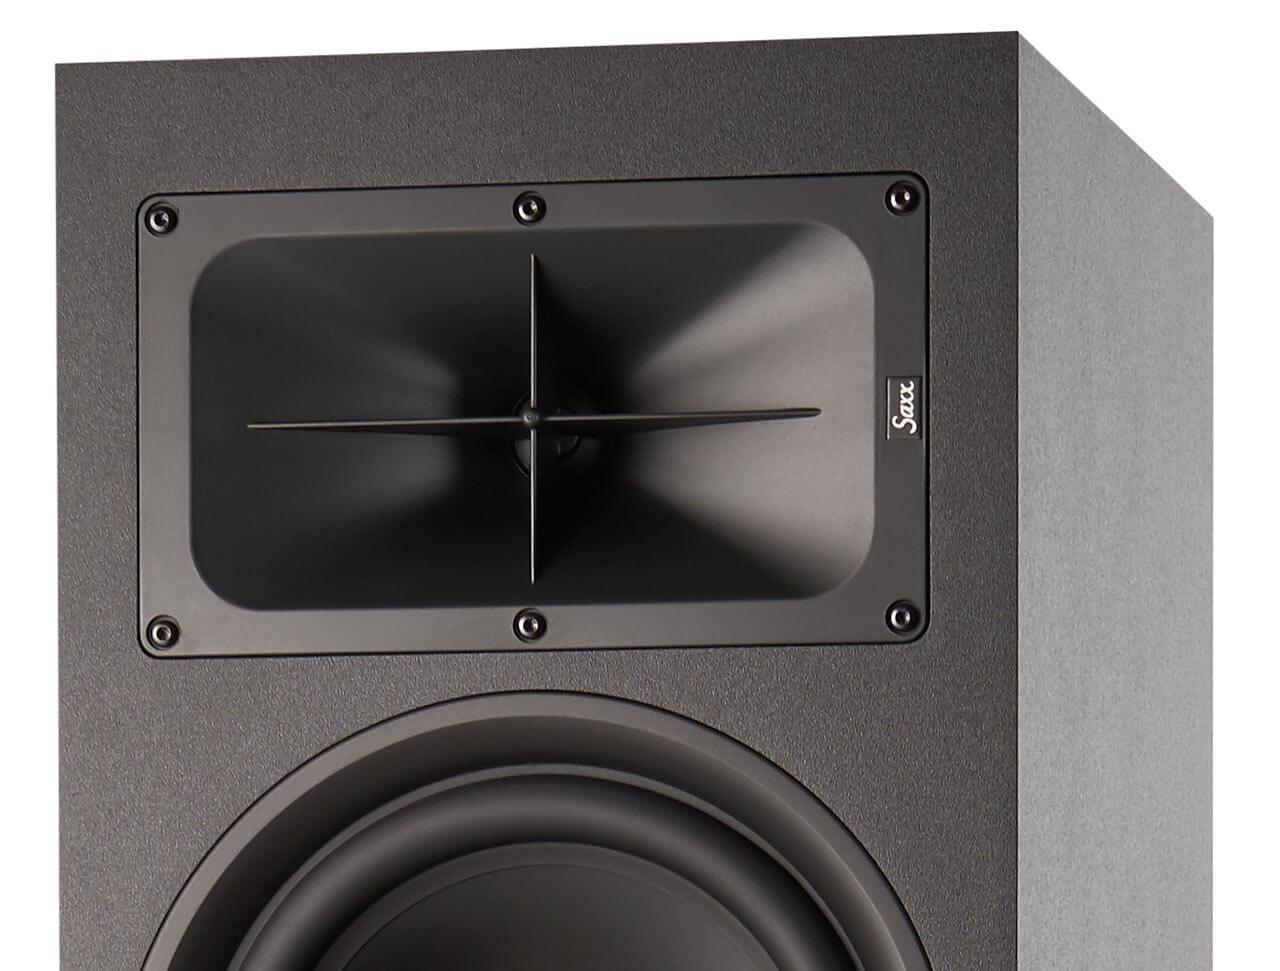 Das Hochtonhorn sorgt nicht nur für einen hohen Wirkungsgrad, sondern soll auch das Abstrahlverhalten des Lautsprechers optimieren